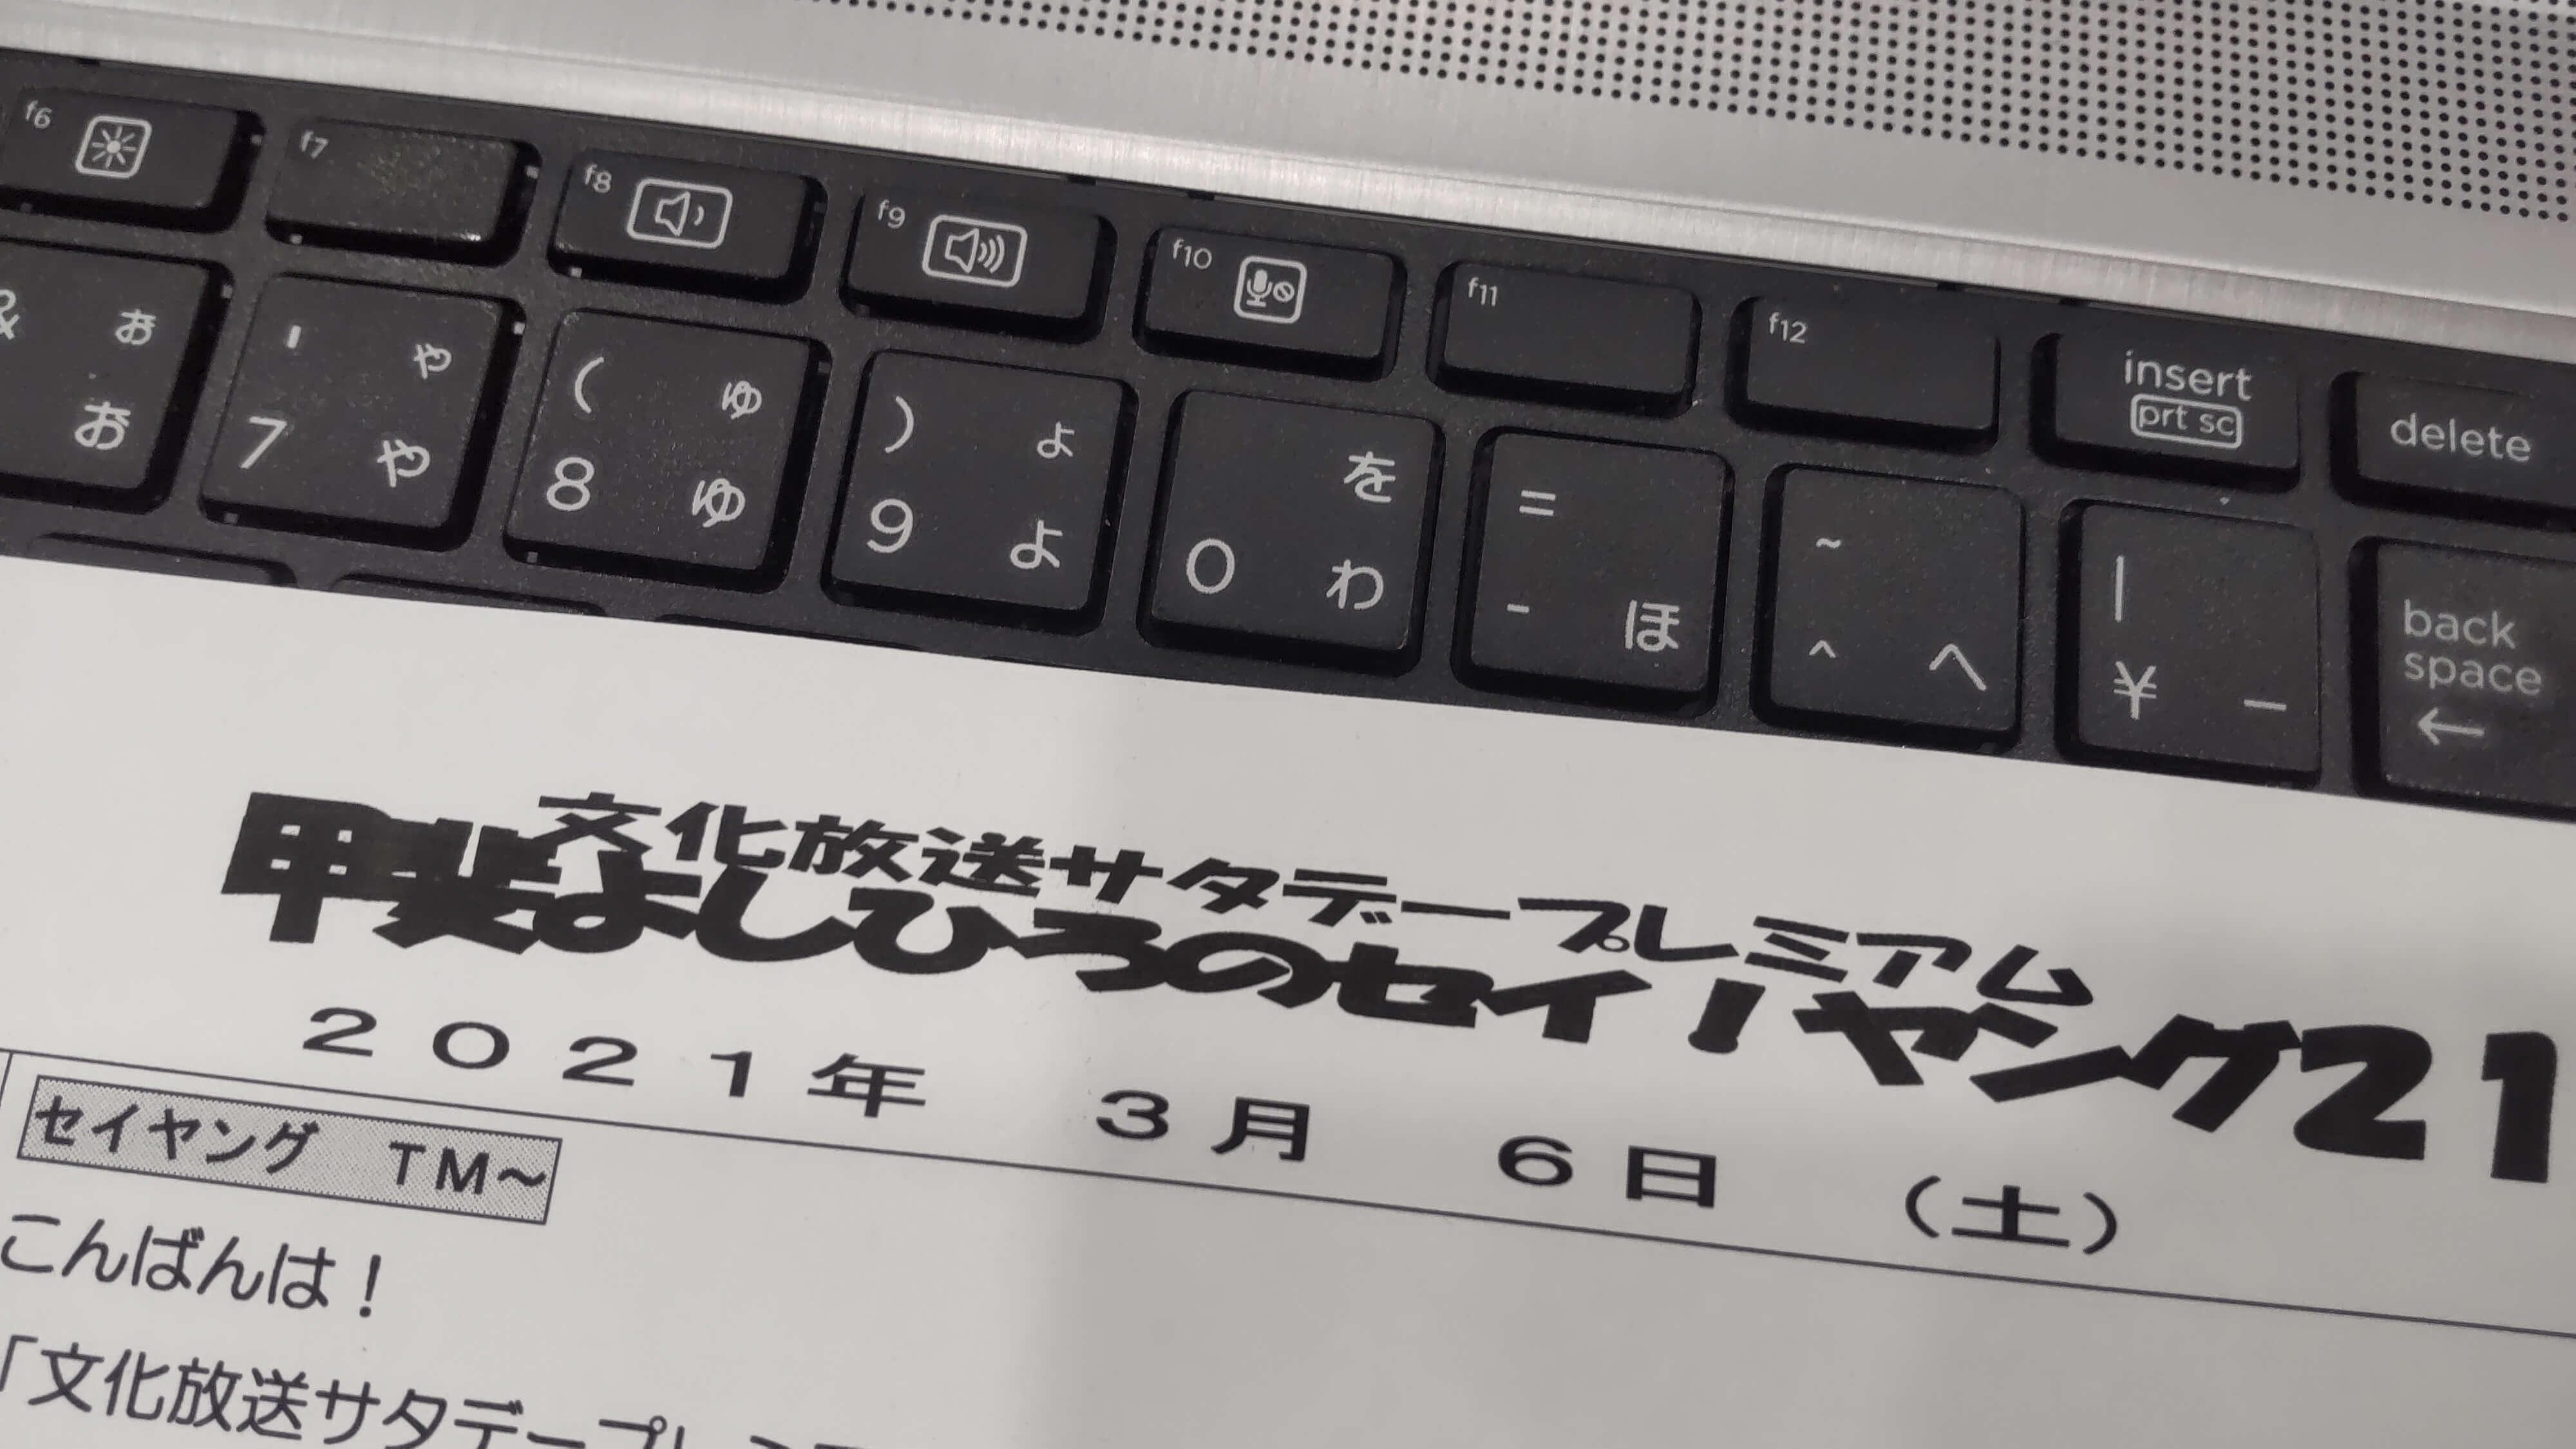 甲斐よしひろのセイ!ヤング21 3月6日(土)生放送でお送りしました!